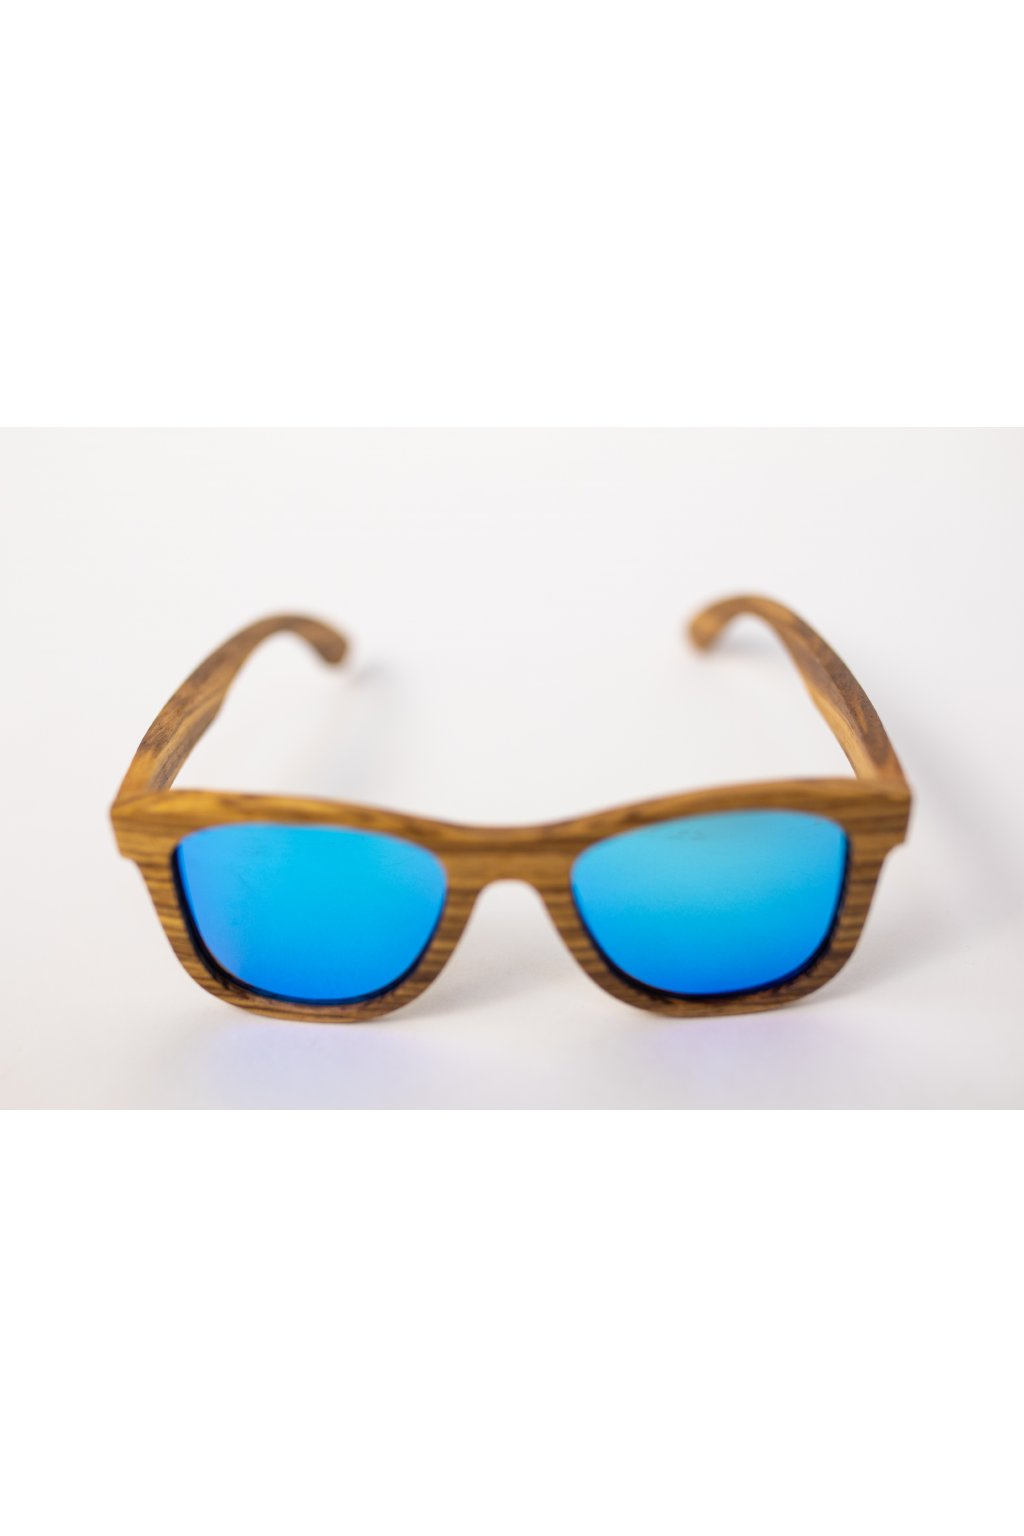 f7a54c0c5 Drevené okuliare Sandnes - CingiTime